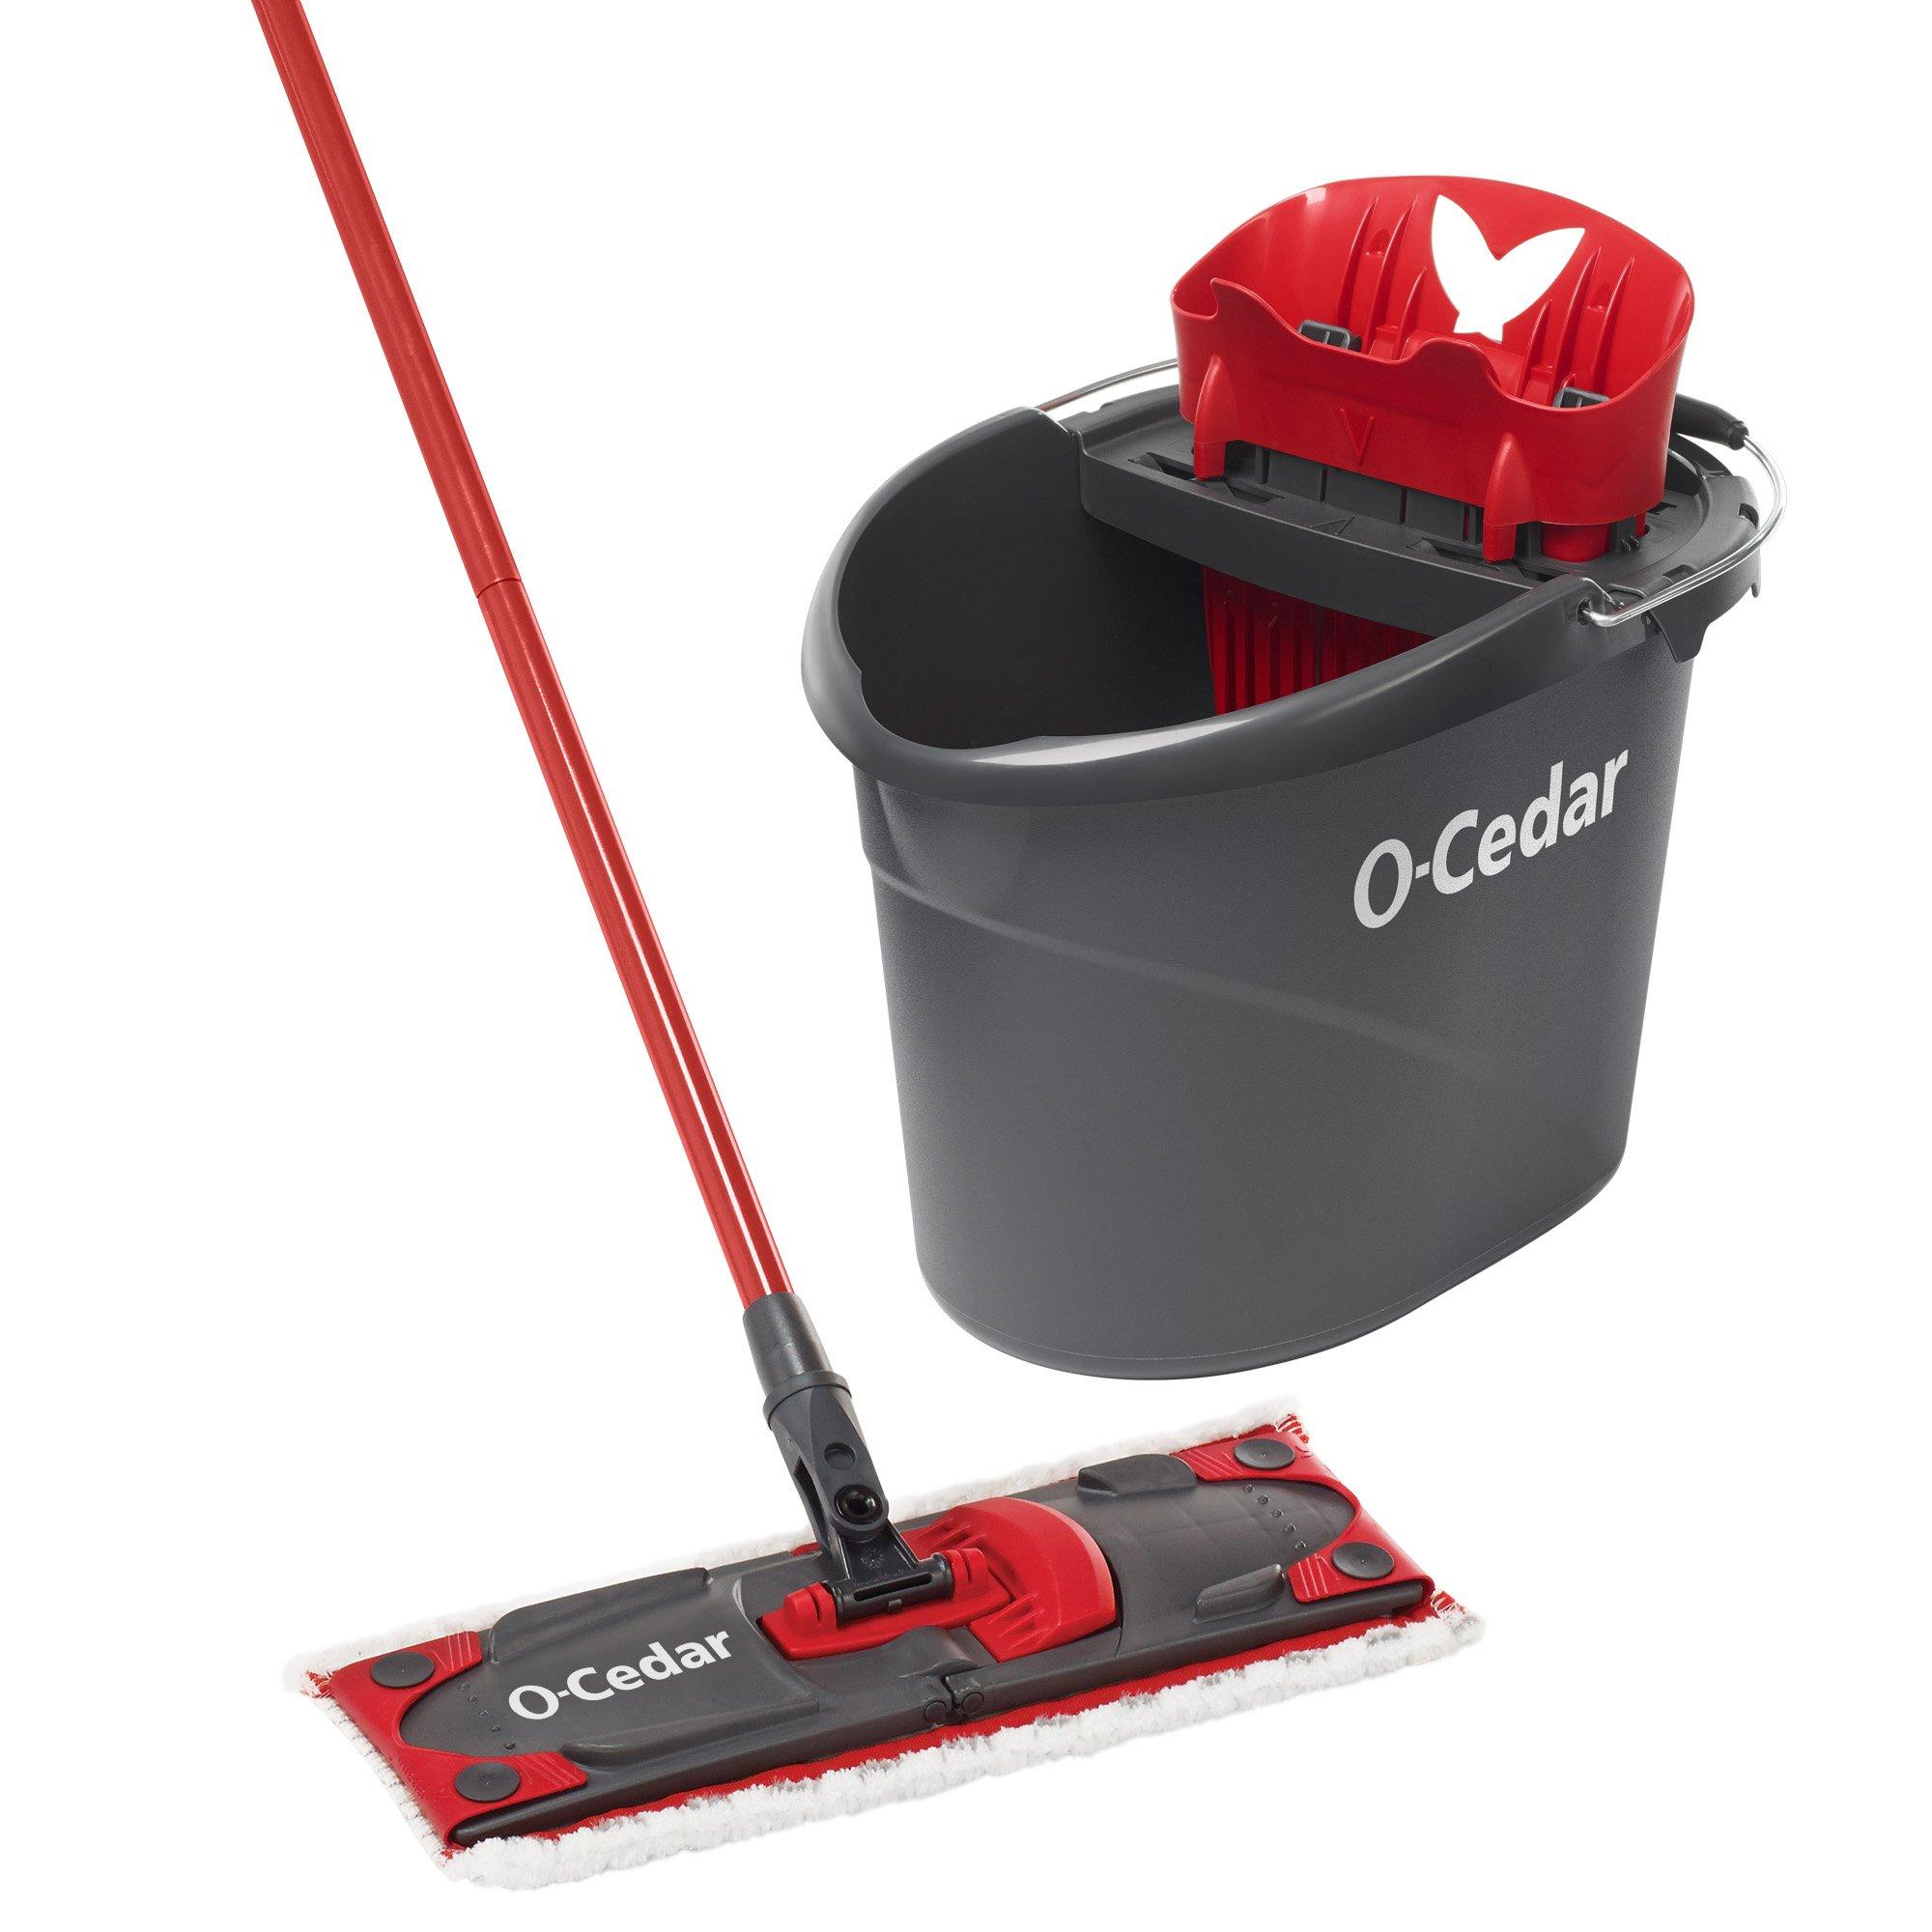 O-Cedar UltraMAX Microfiber Flat Mop & Bucket Kit by O-Cedar